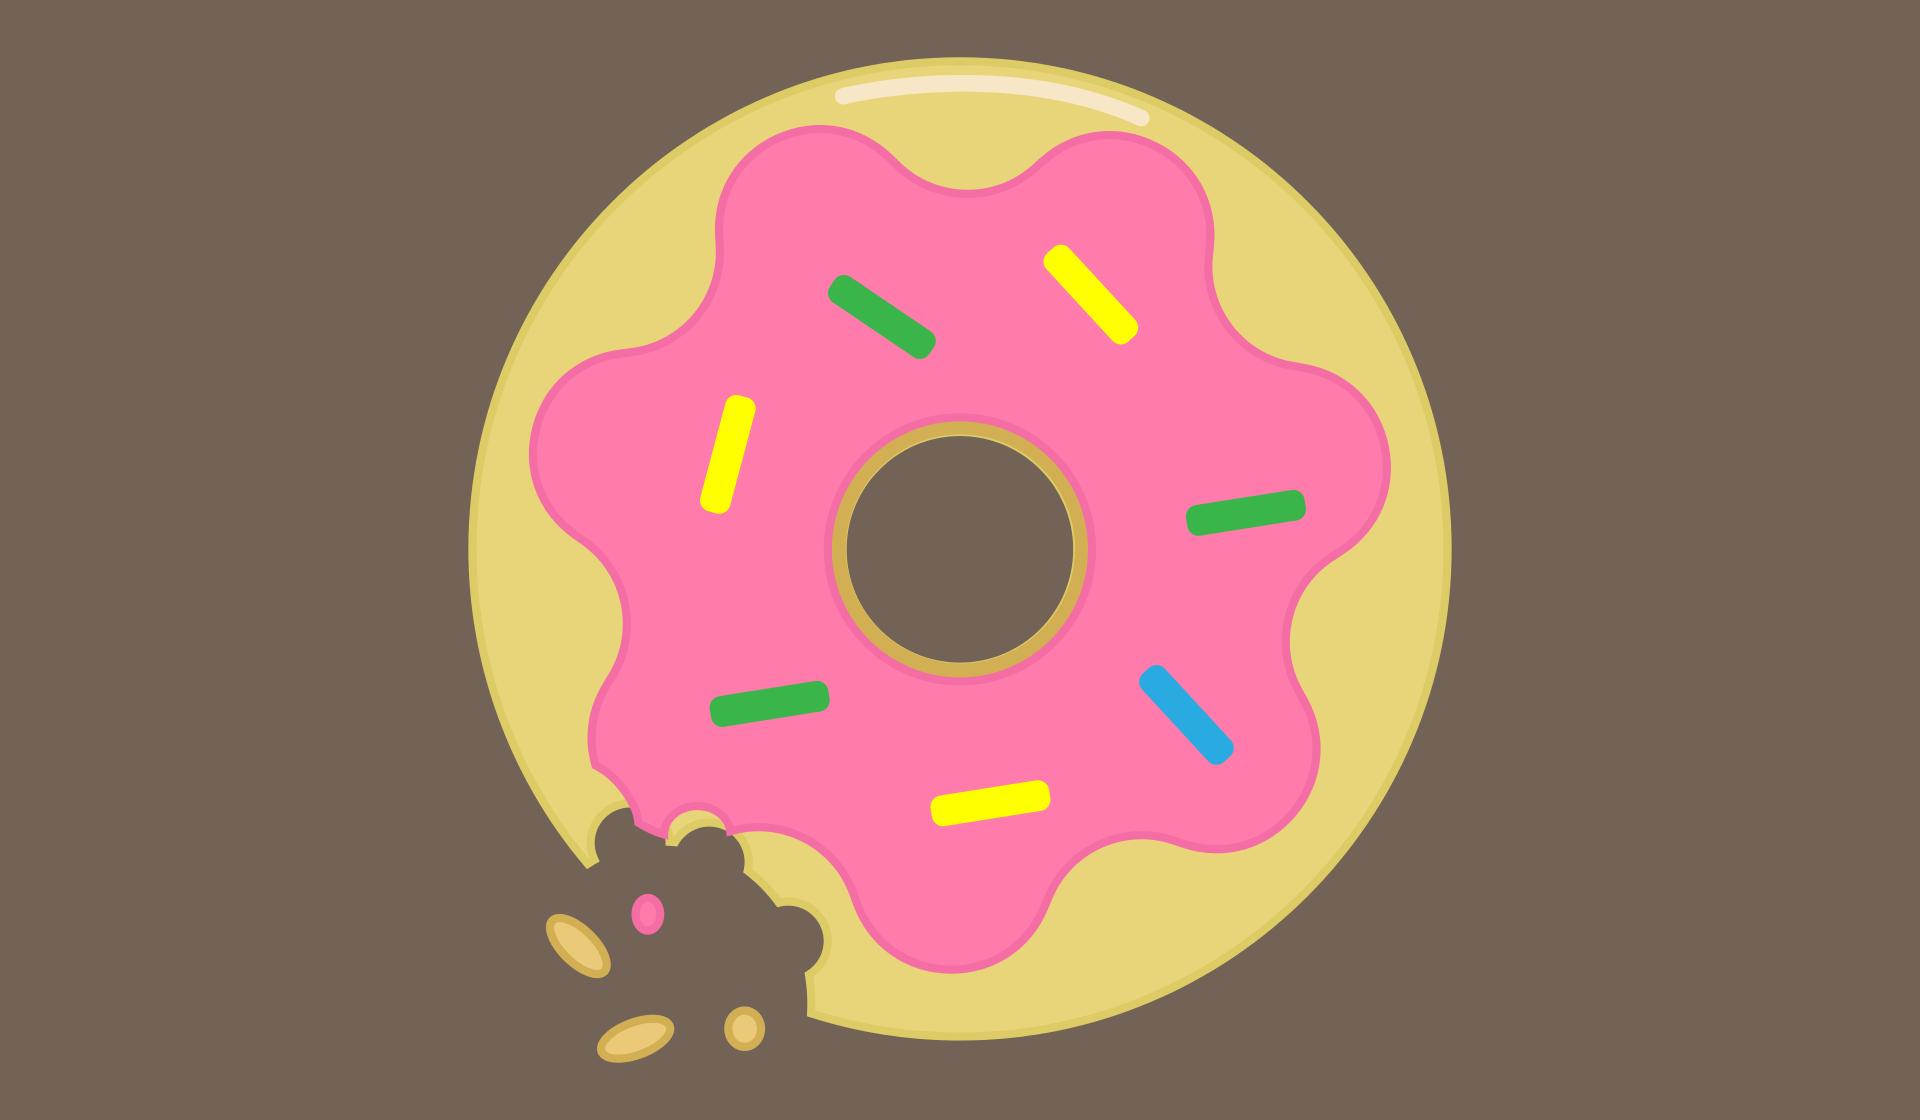 donut, Donut, süß, Dessert, Glasur - Wallpaper HD - Prof.-falken.com